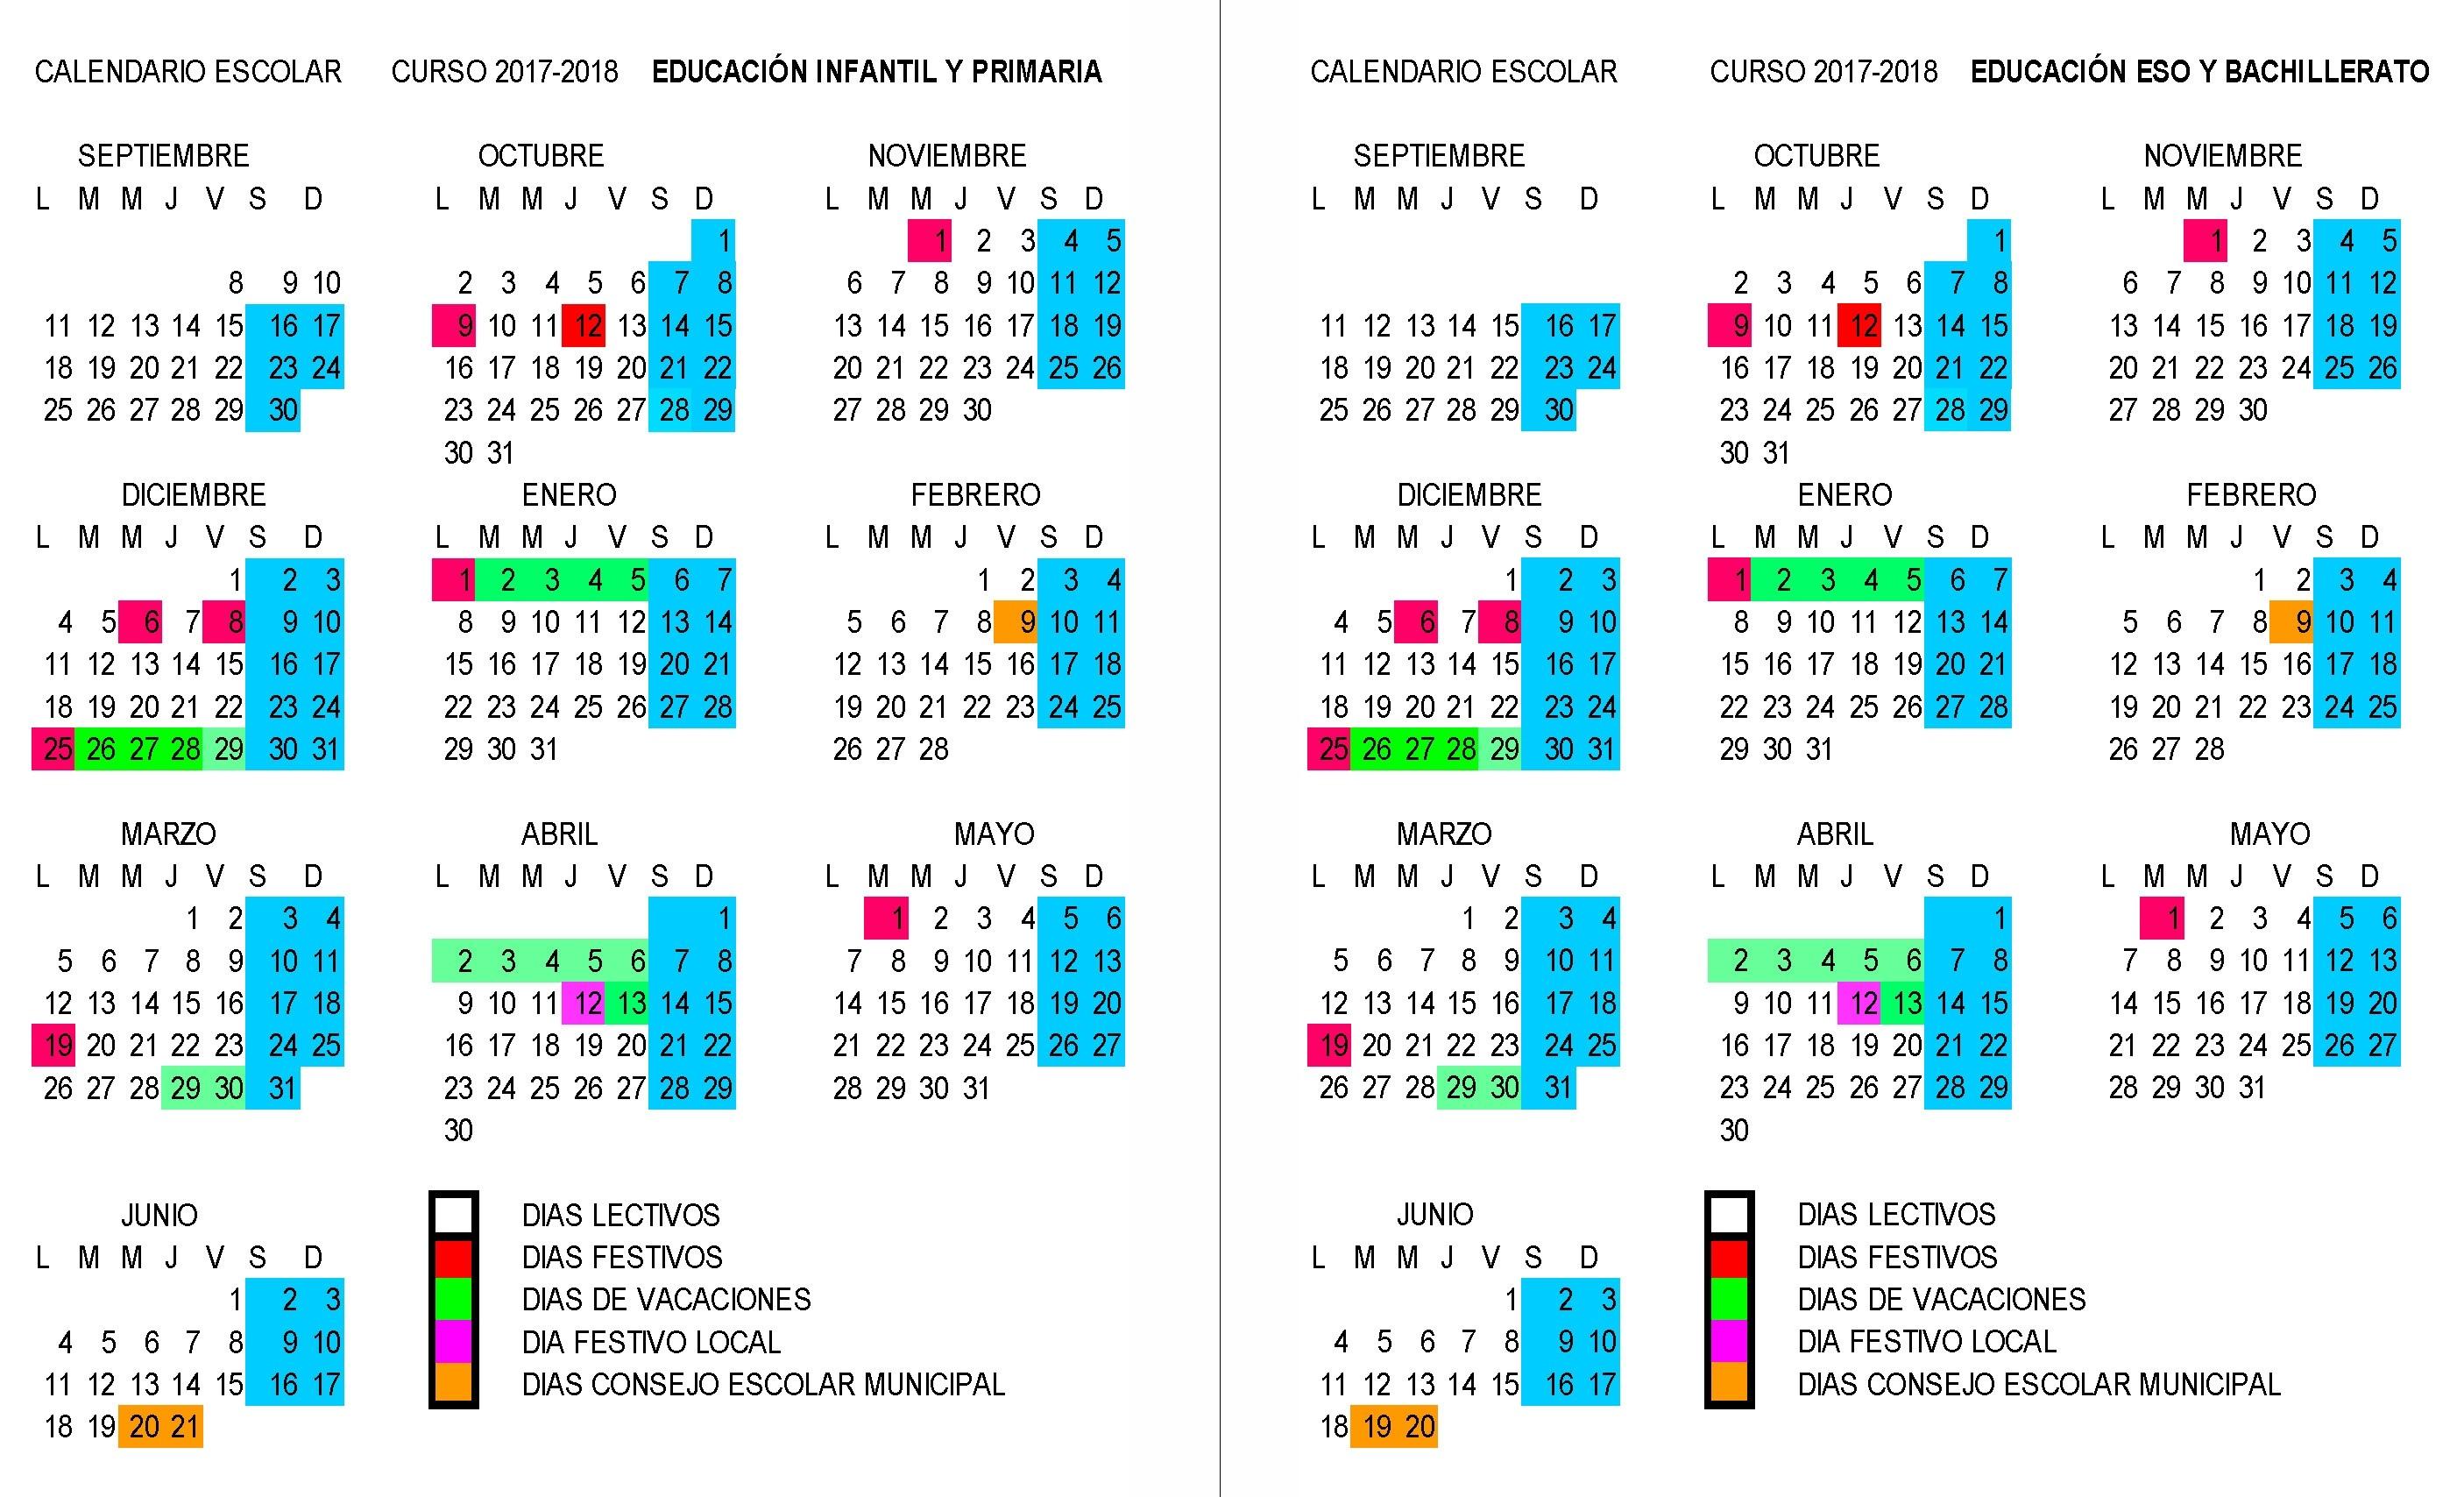 Calendario Escolar 2018 Y 2019 Sep Pdf Recientes Calendario Laboral 2019 Gva Seonegativo Of Calendario Escolar 2018 Y 2019 Sep Pdf Actual Inspiraci³n 33 Ilustraci³n Calendario Escolar San Sebastian De Los